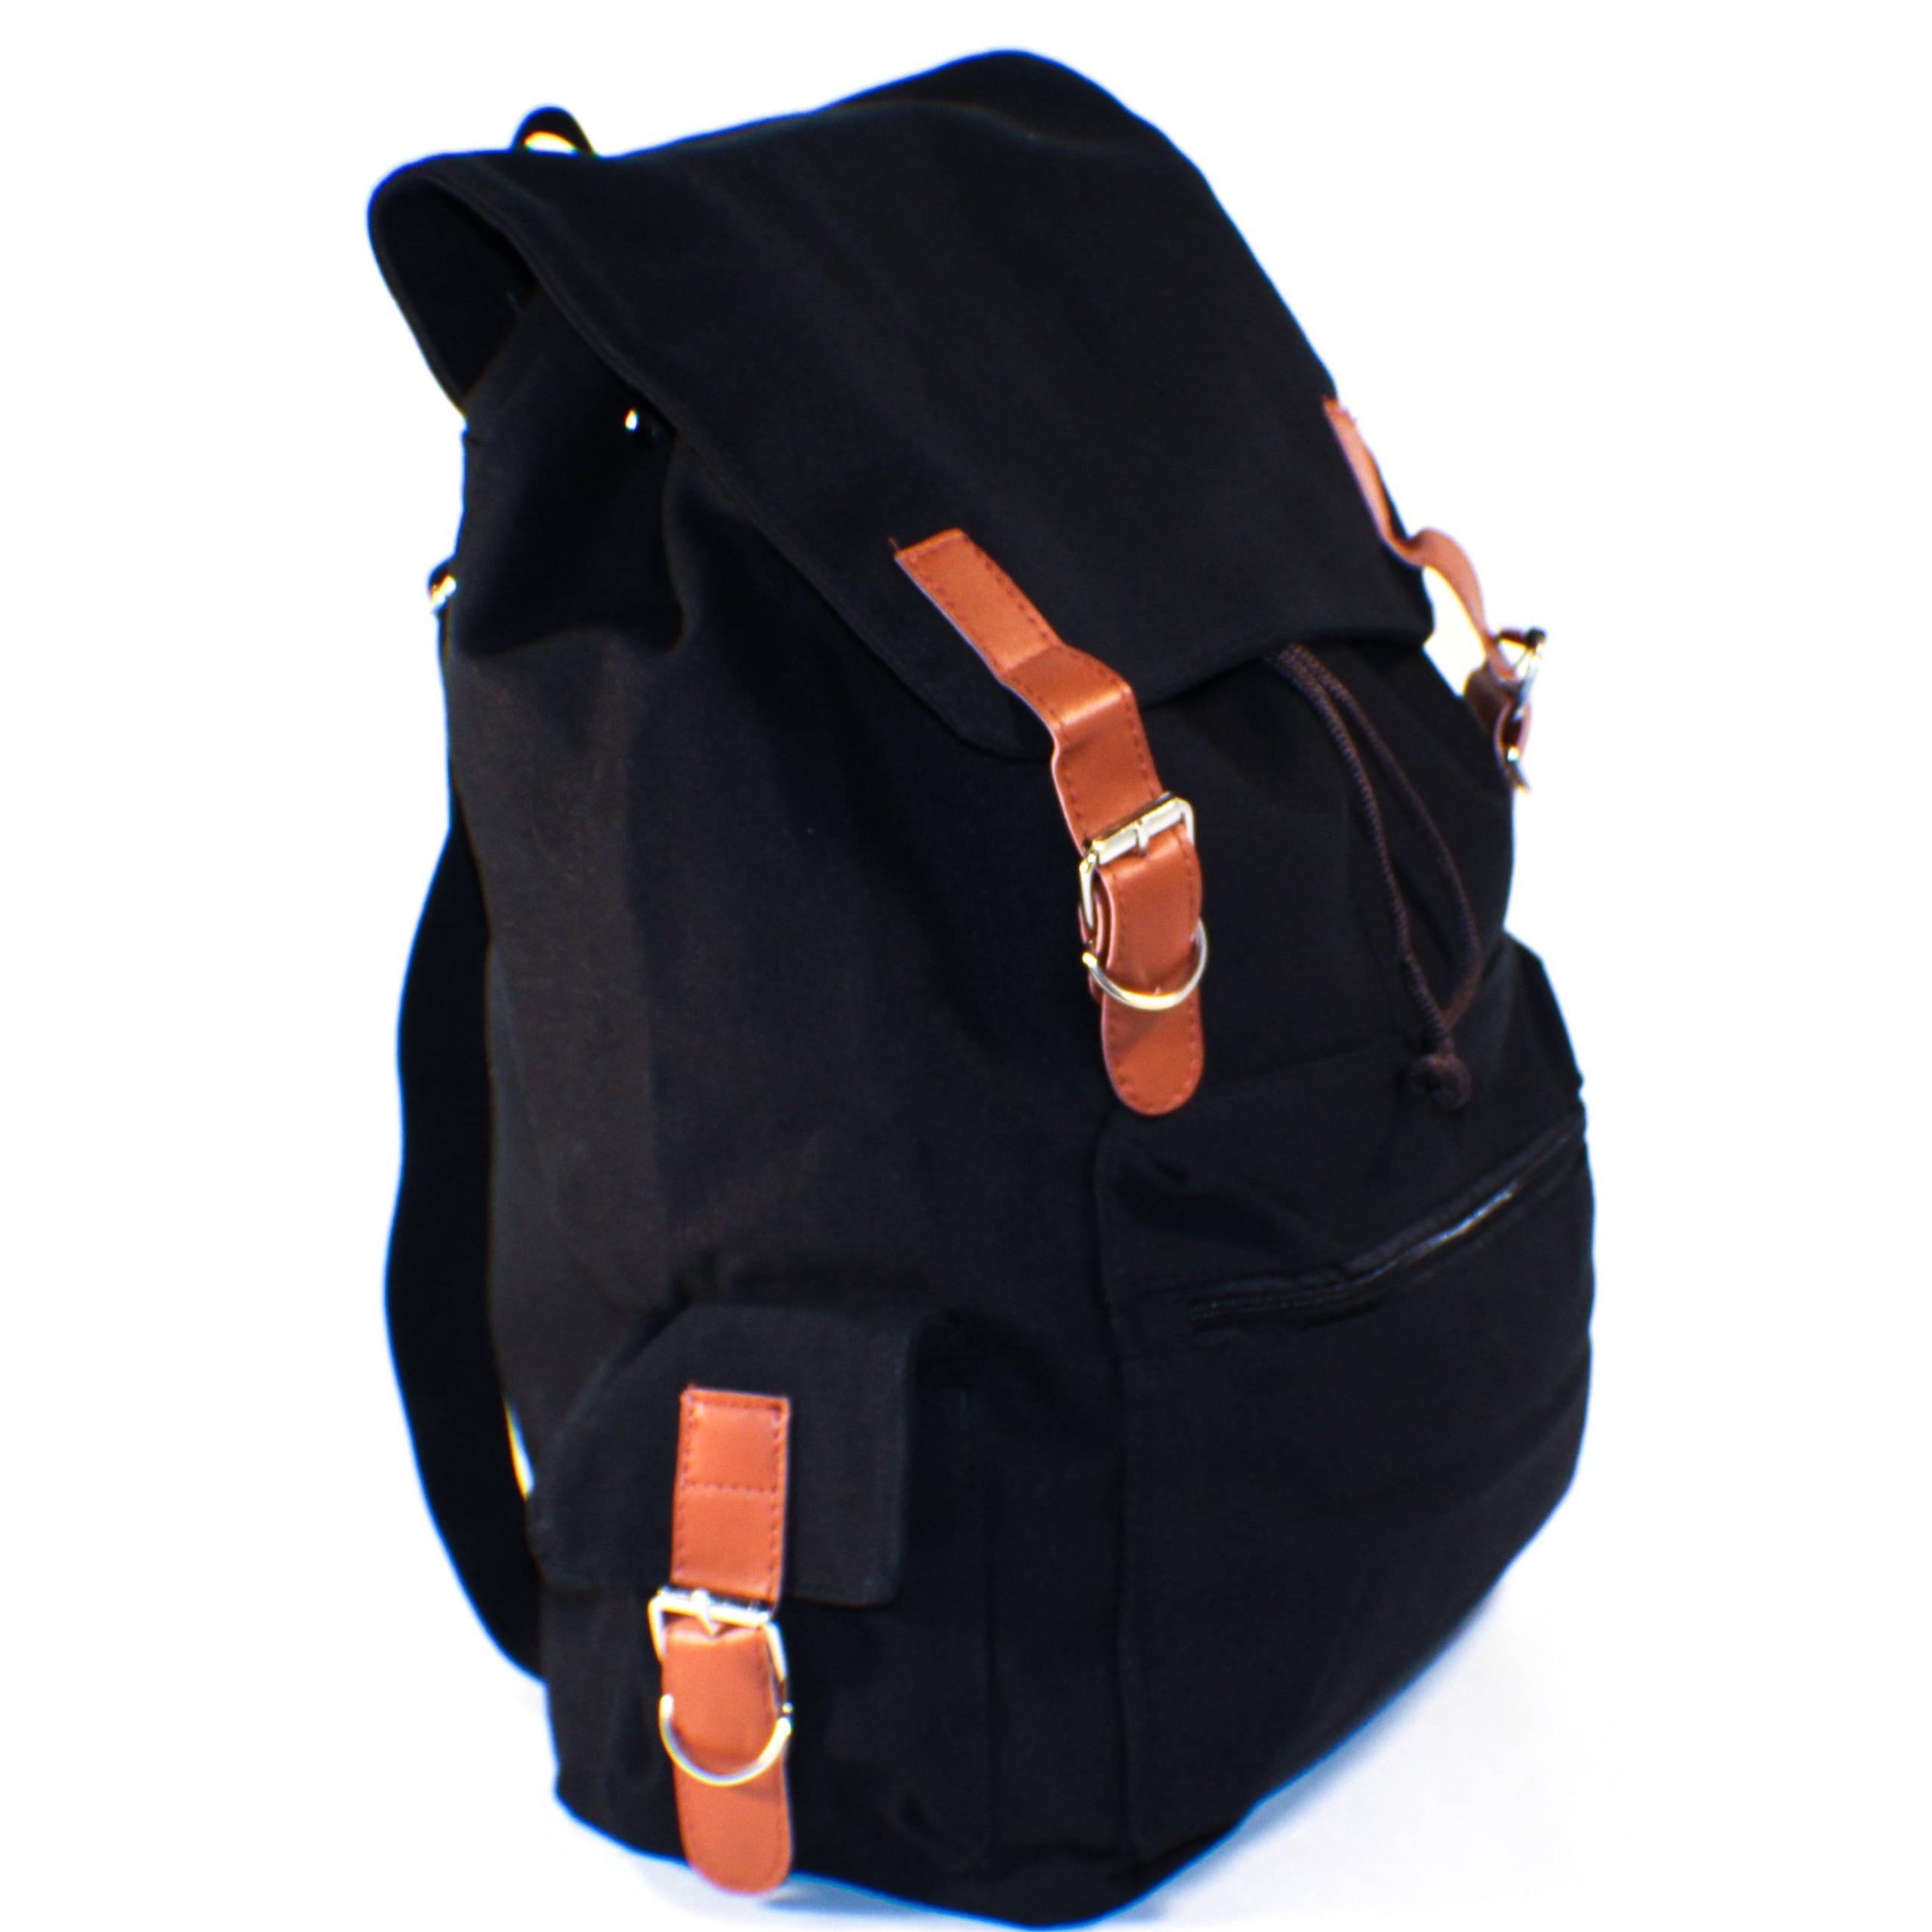 Cute Black Canvas Backpack Fenix Toulouse Handball new styles cf5e4 0a8b9  ... 8d07e5e35af01